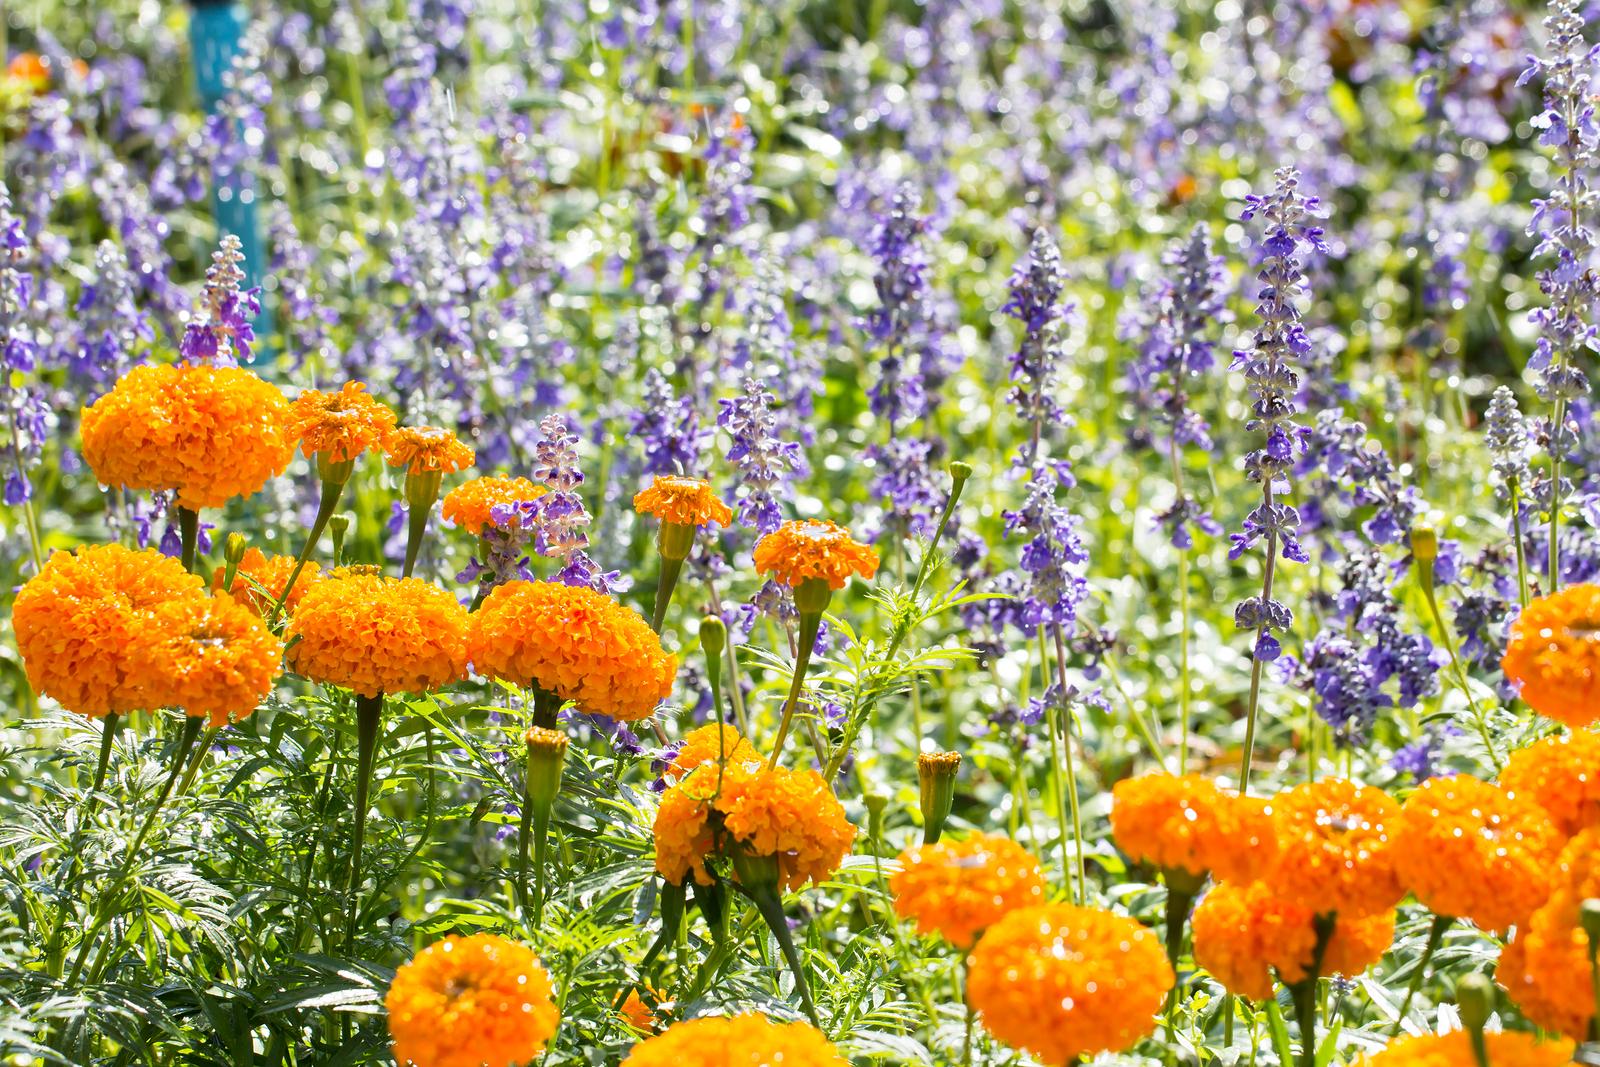 bigstock-Yellow-Marigolds-Flower-77053127.jpg